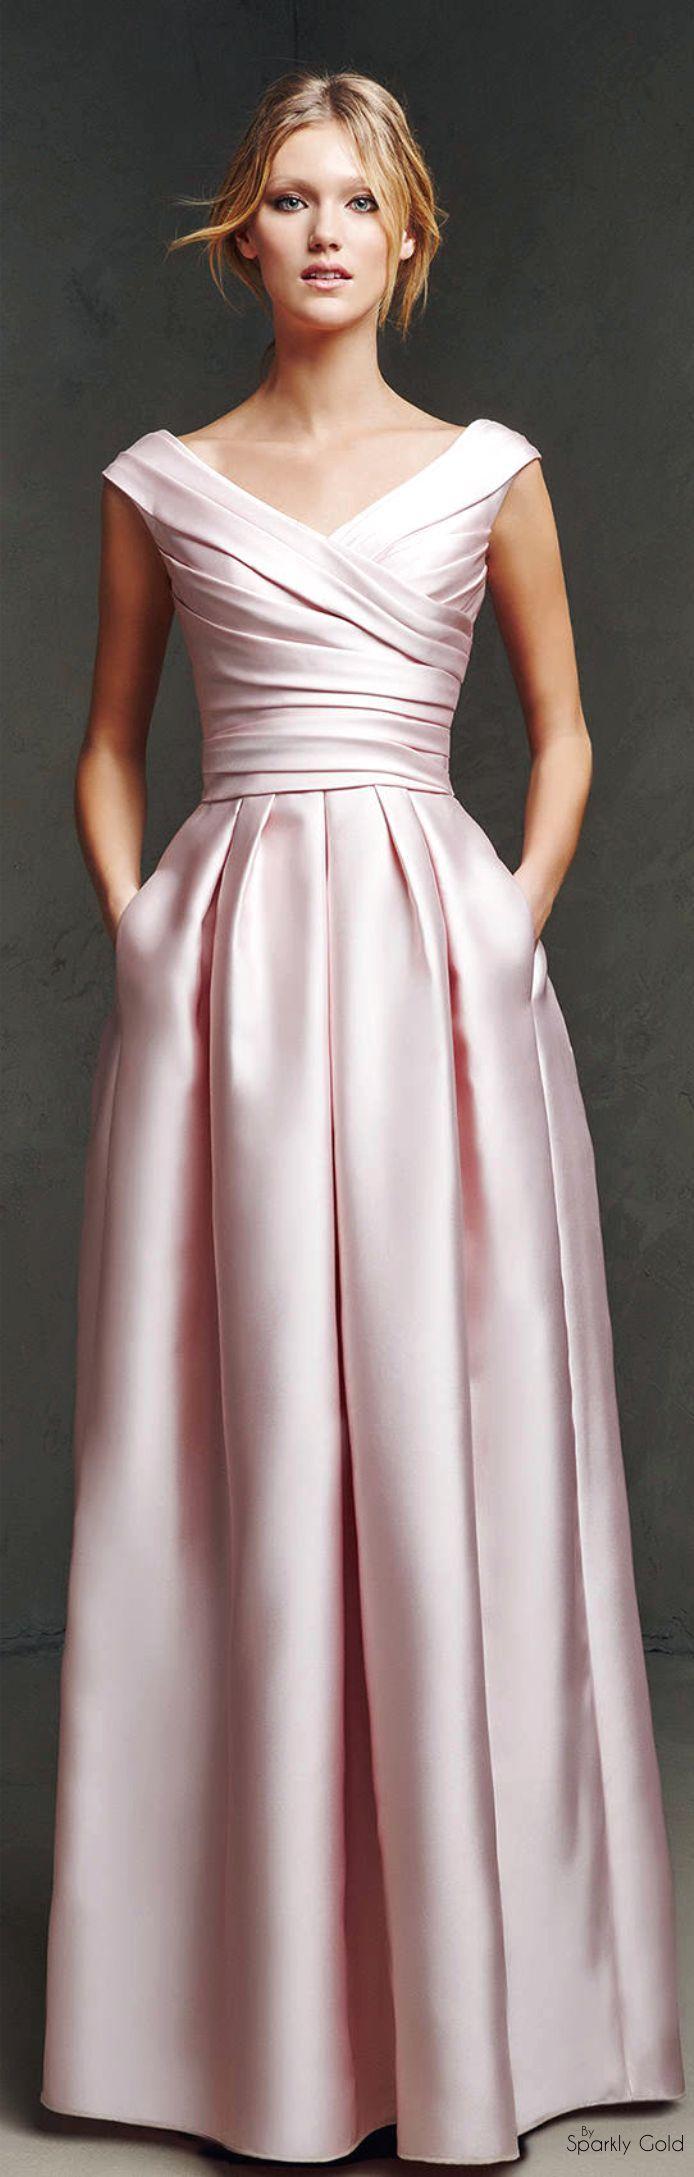 88 besten Kleid Hochzeitsgäste Bilder auf Pinterest | Abendkleid ...